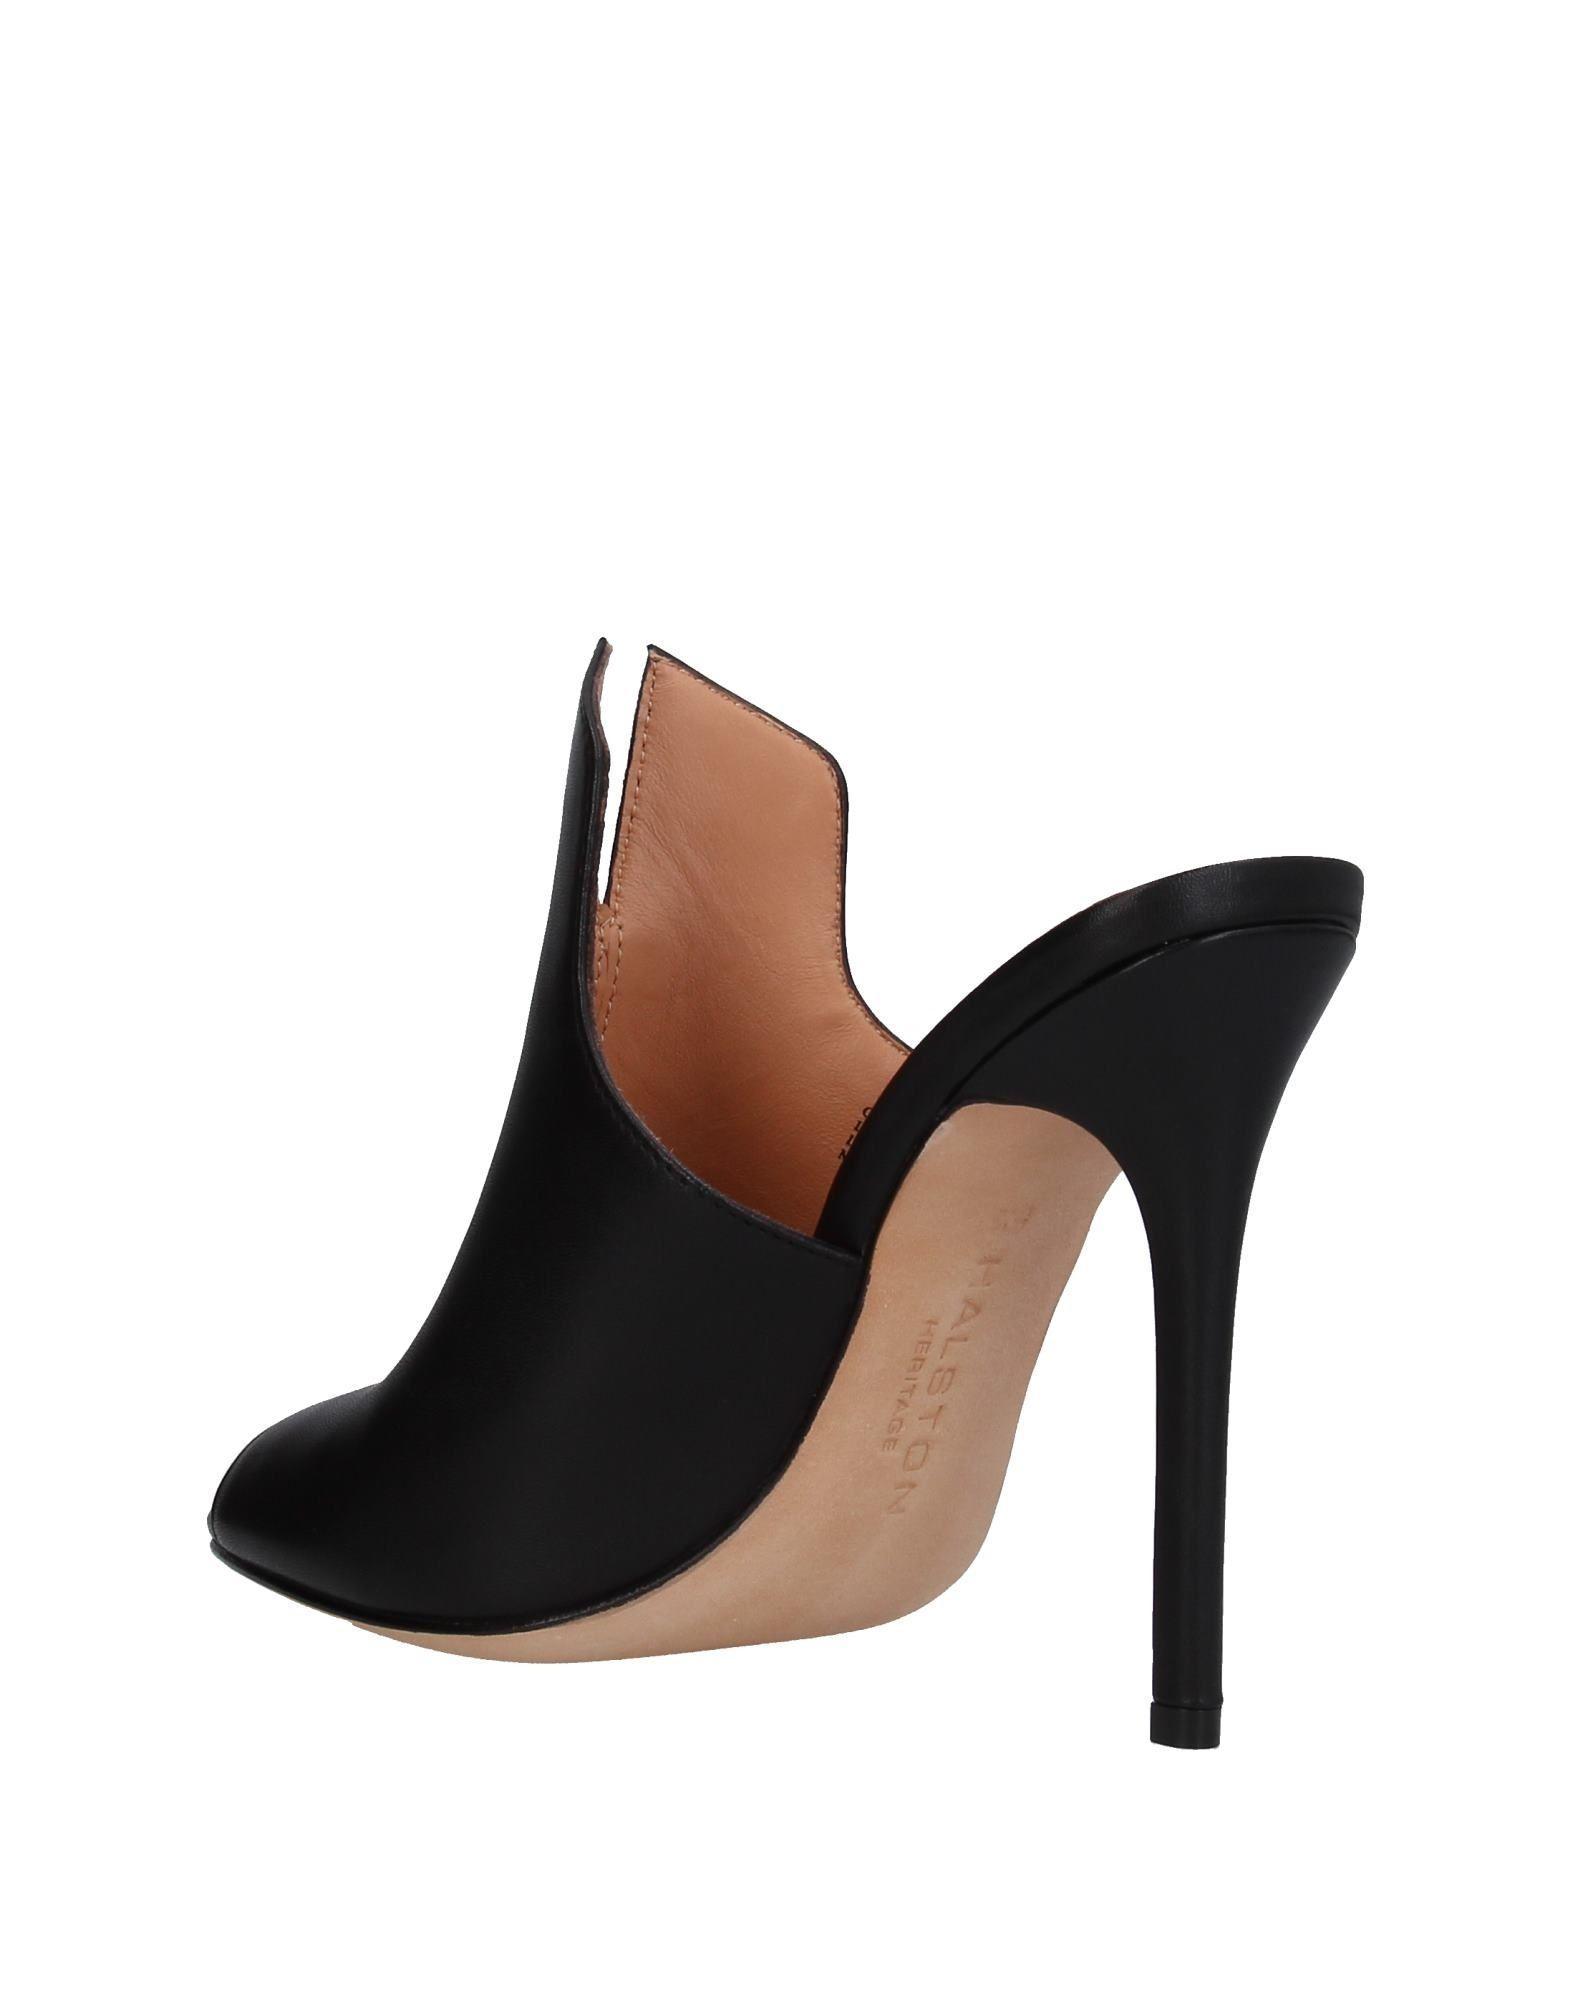 6f0ca3a3e5e Lyst - Halston Sandals in Black